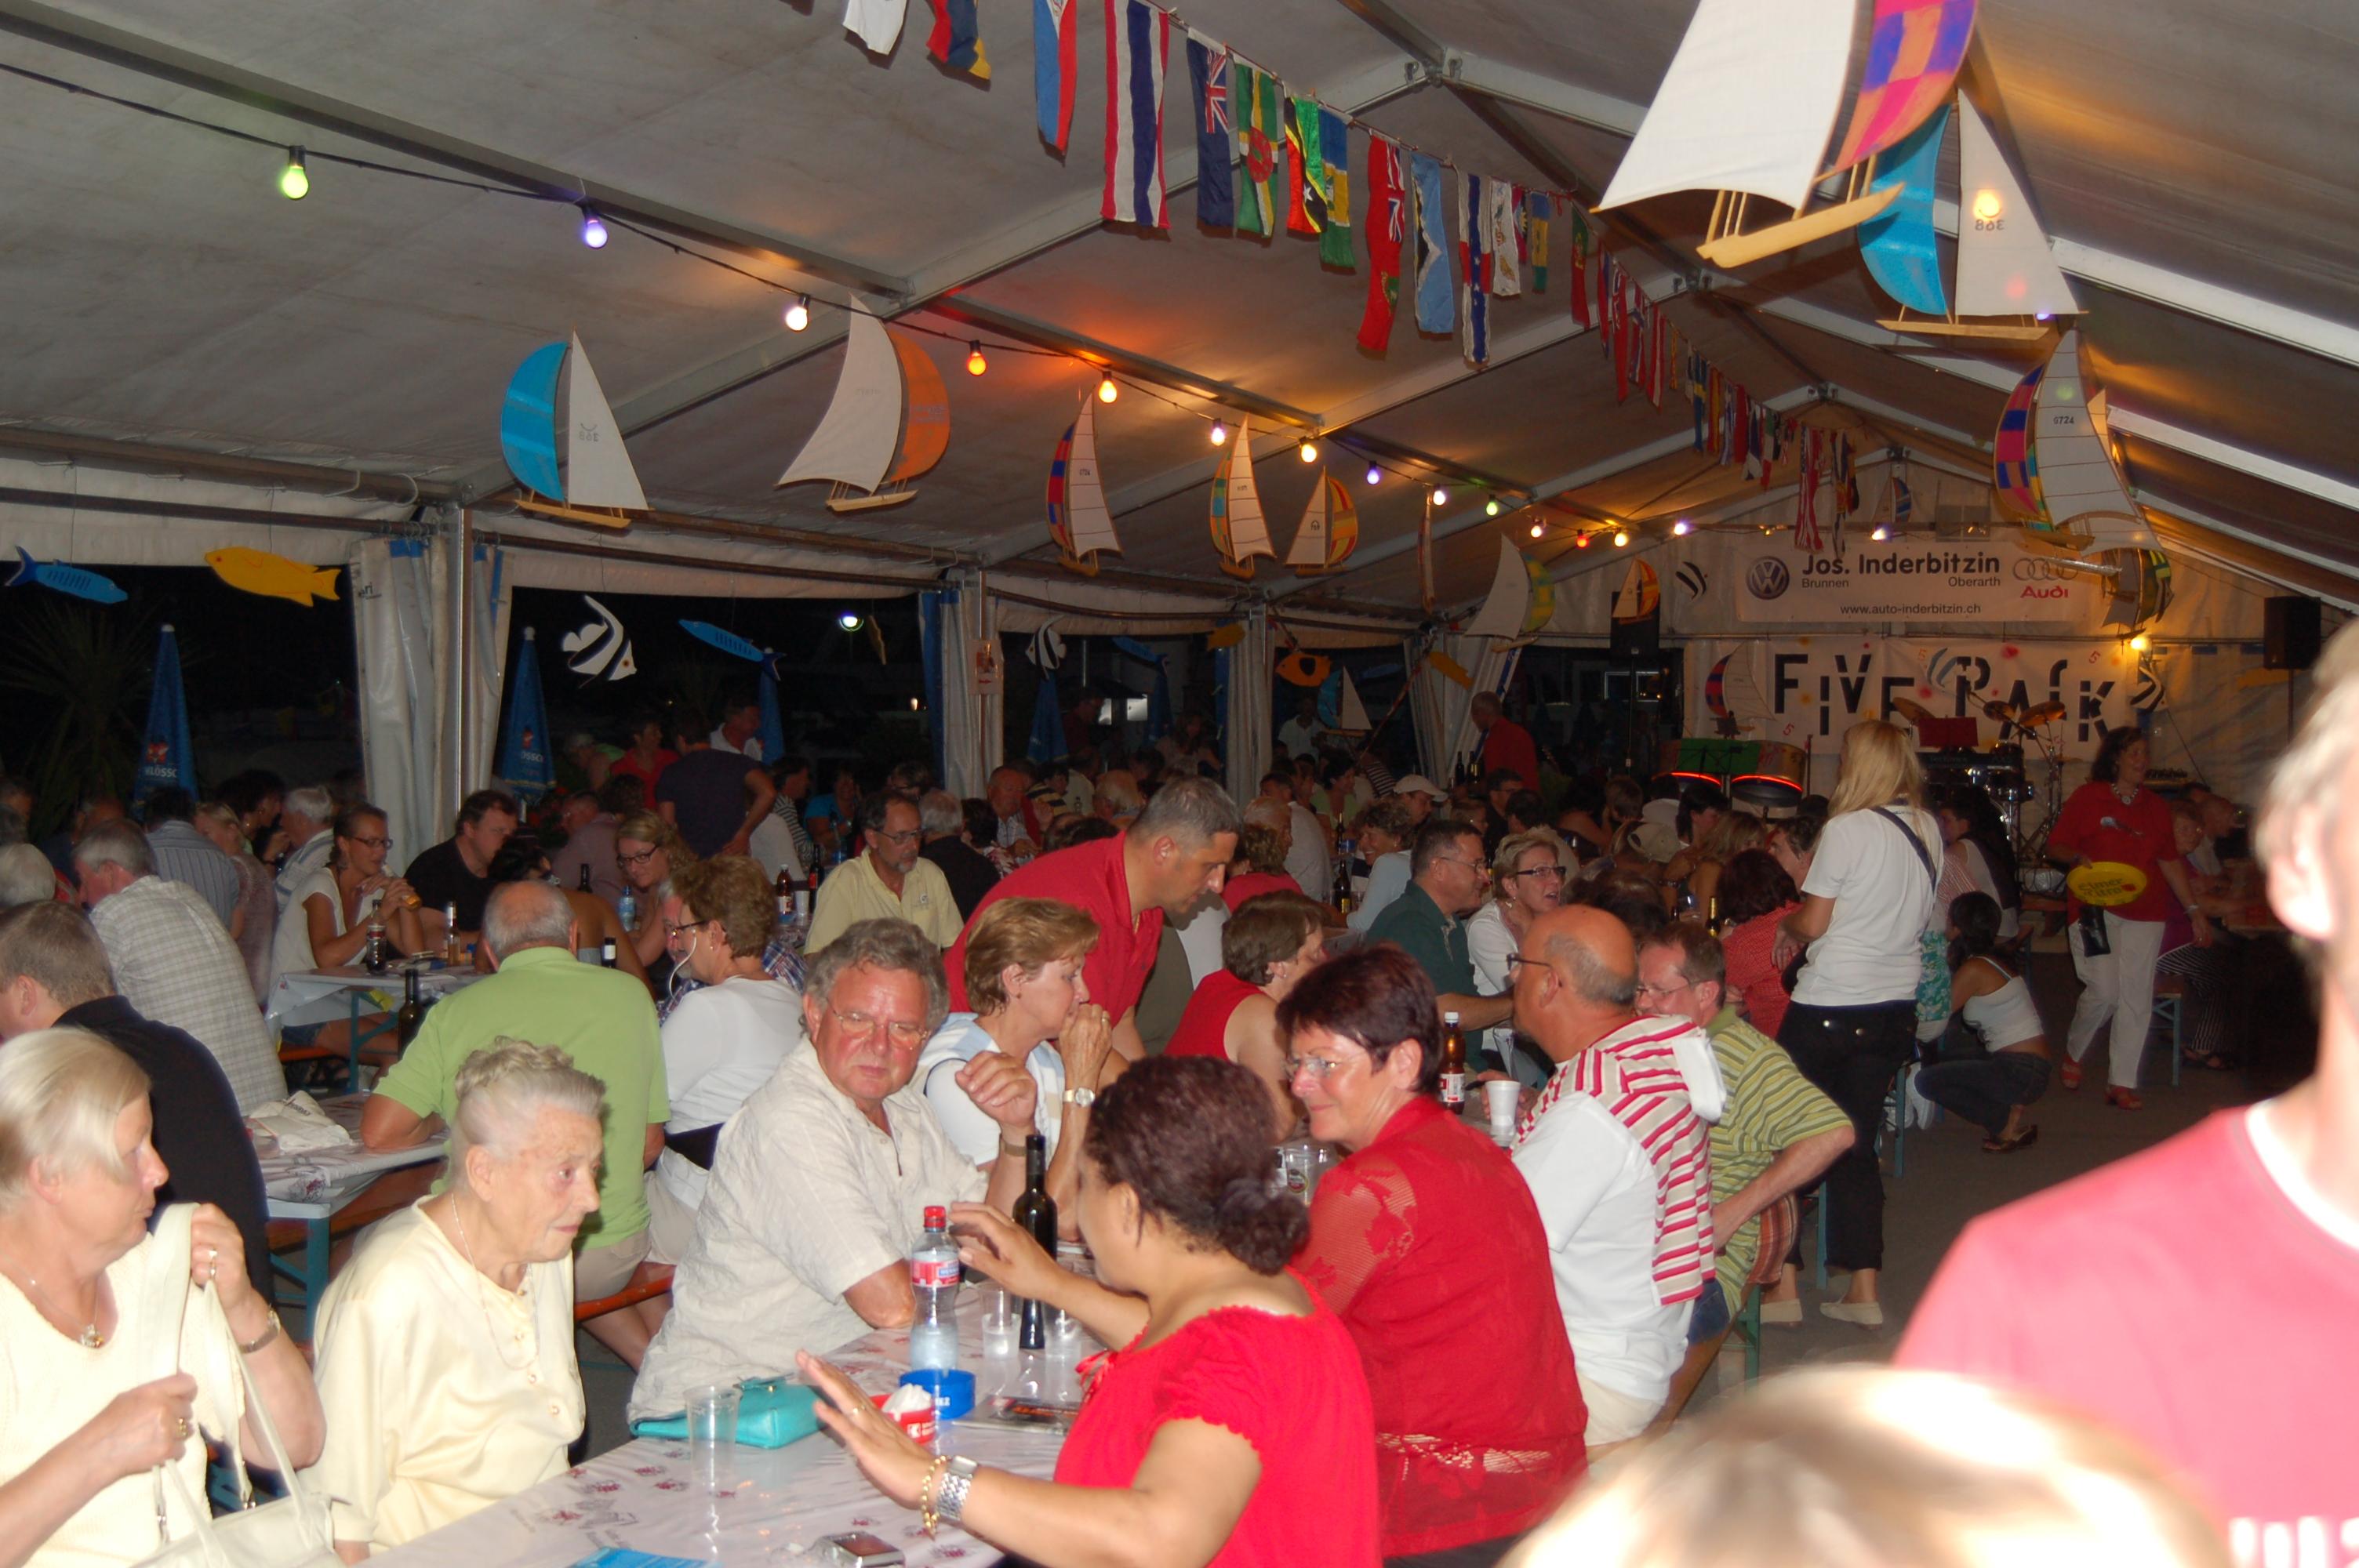 igf-hafenfest-brunnen-2009-09